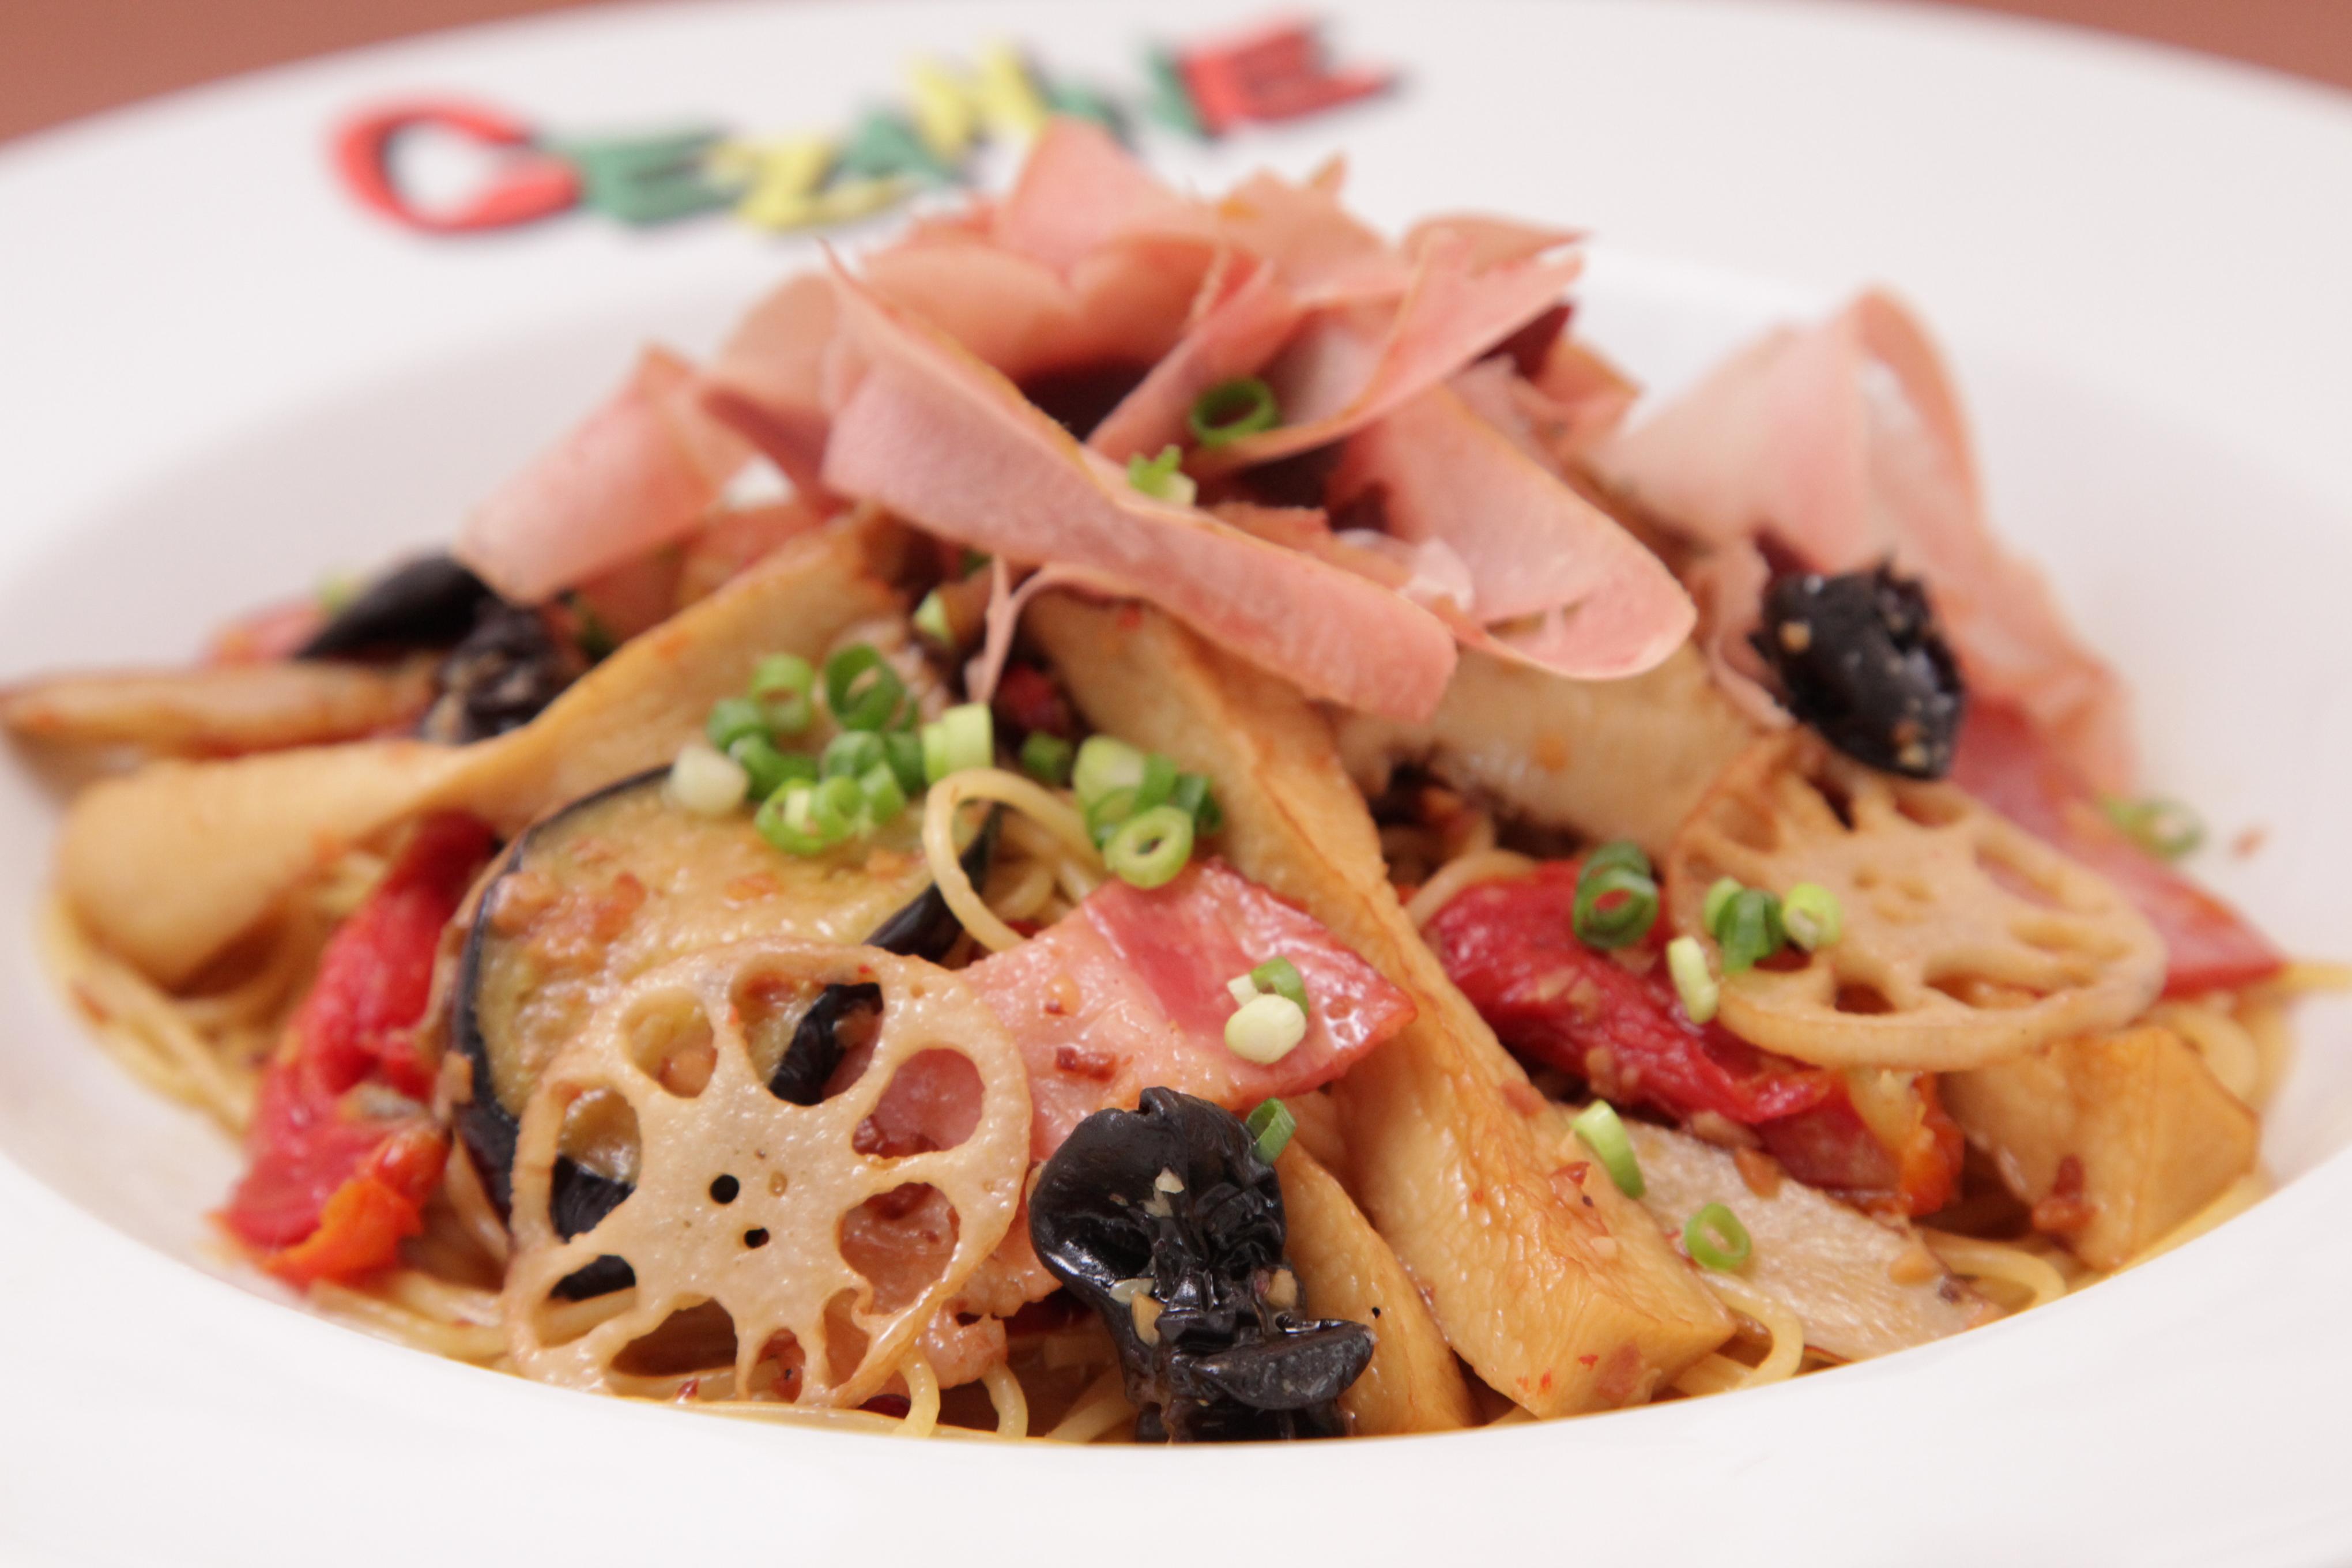 秋野菜のペペロンチーニのドライトマトと半生サラダ節のせ 1,298円